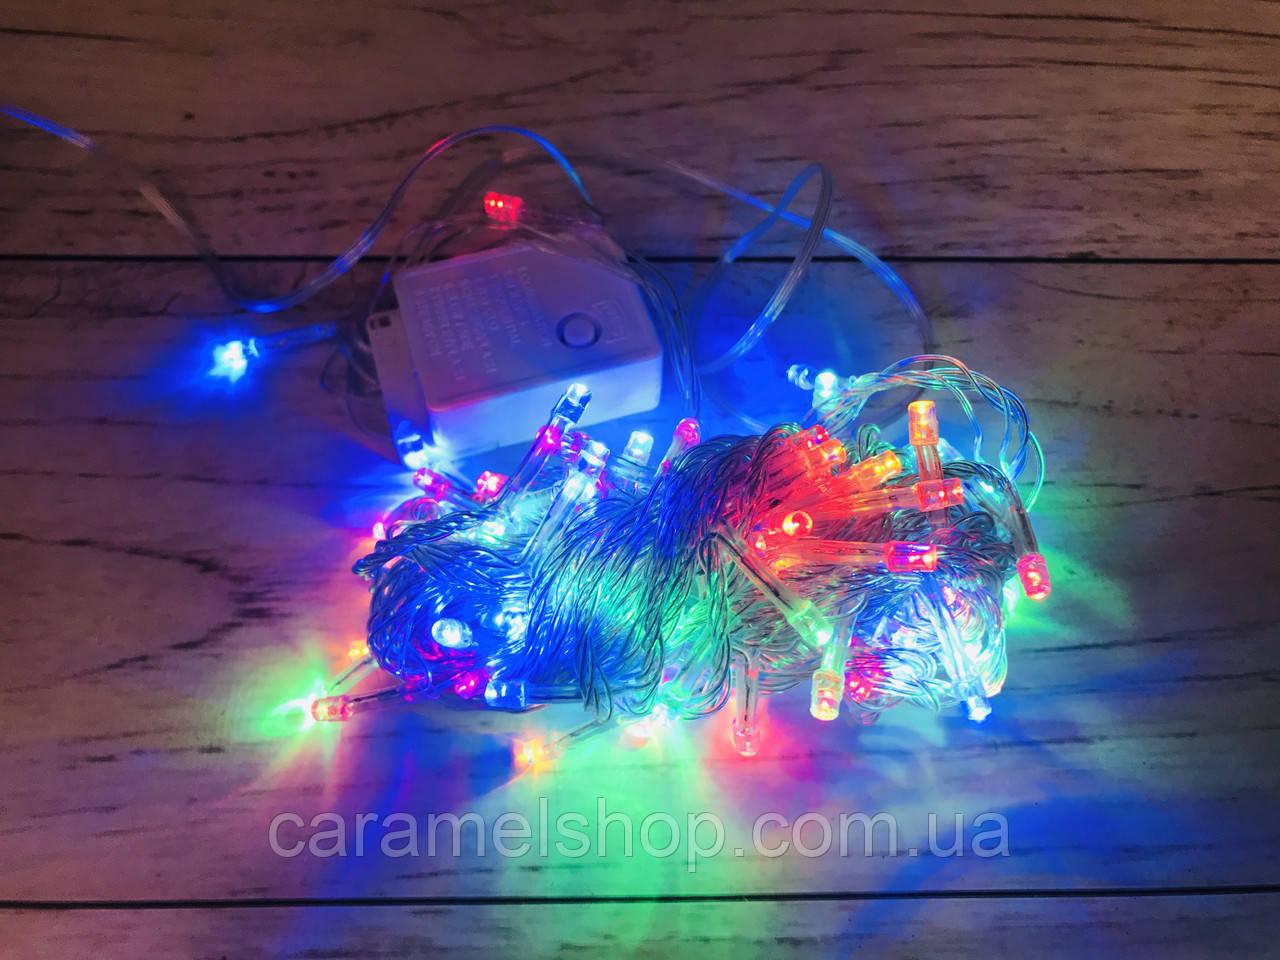 Гирлянда новогодняя Xmas 100 M-1 мультицветная